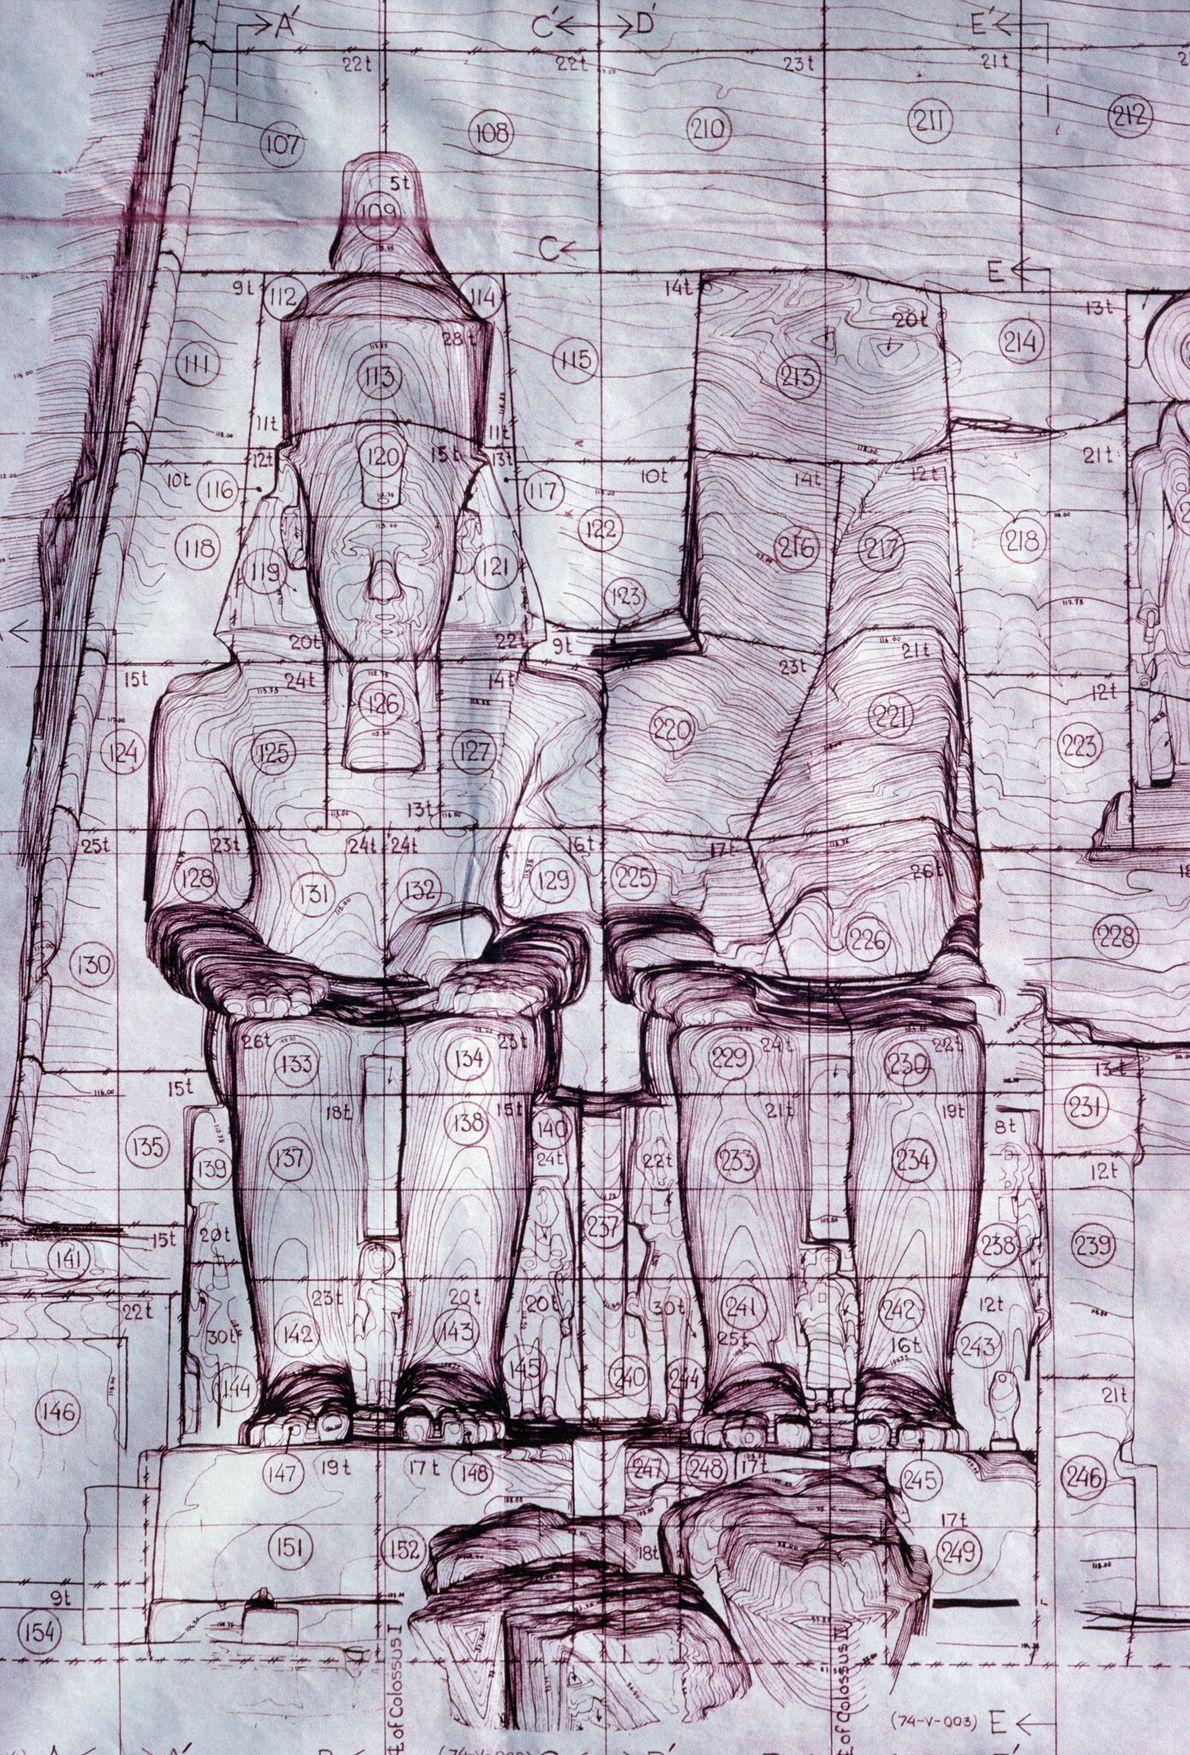 Des plans dévoilent le système de numérotation utilisé pour les blocs de pierre taillés, qui permettra ...